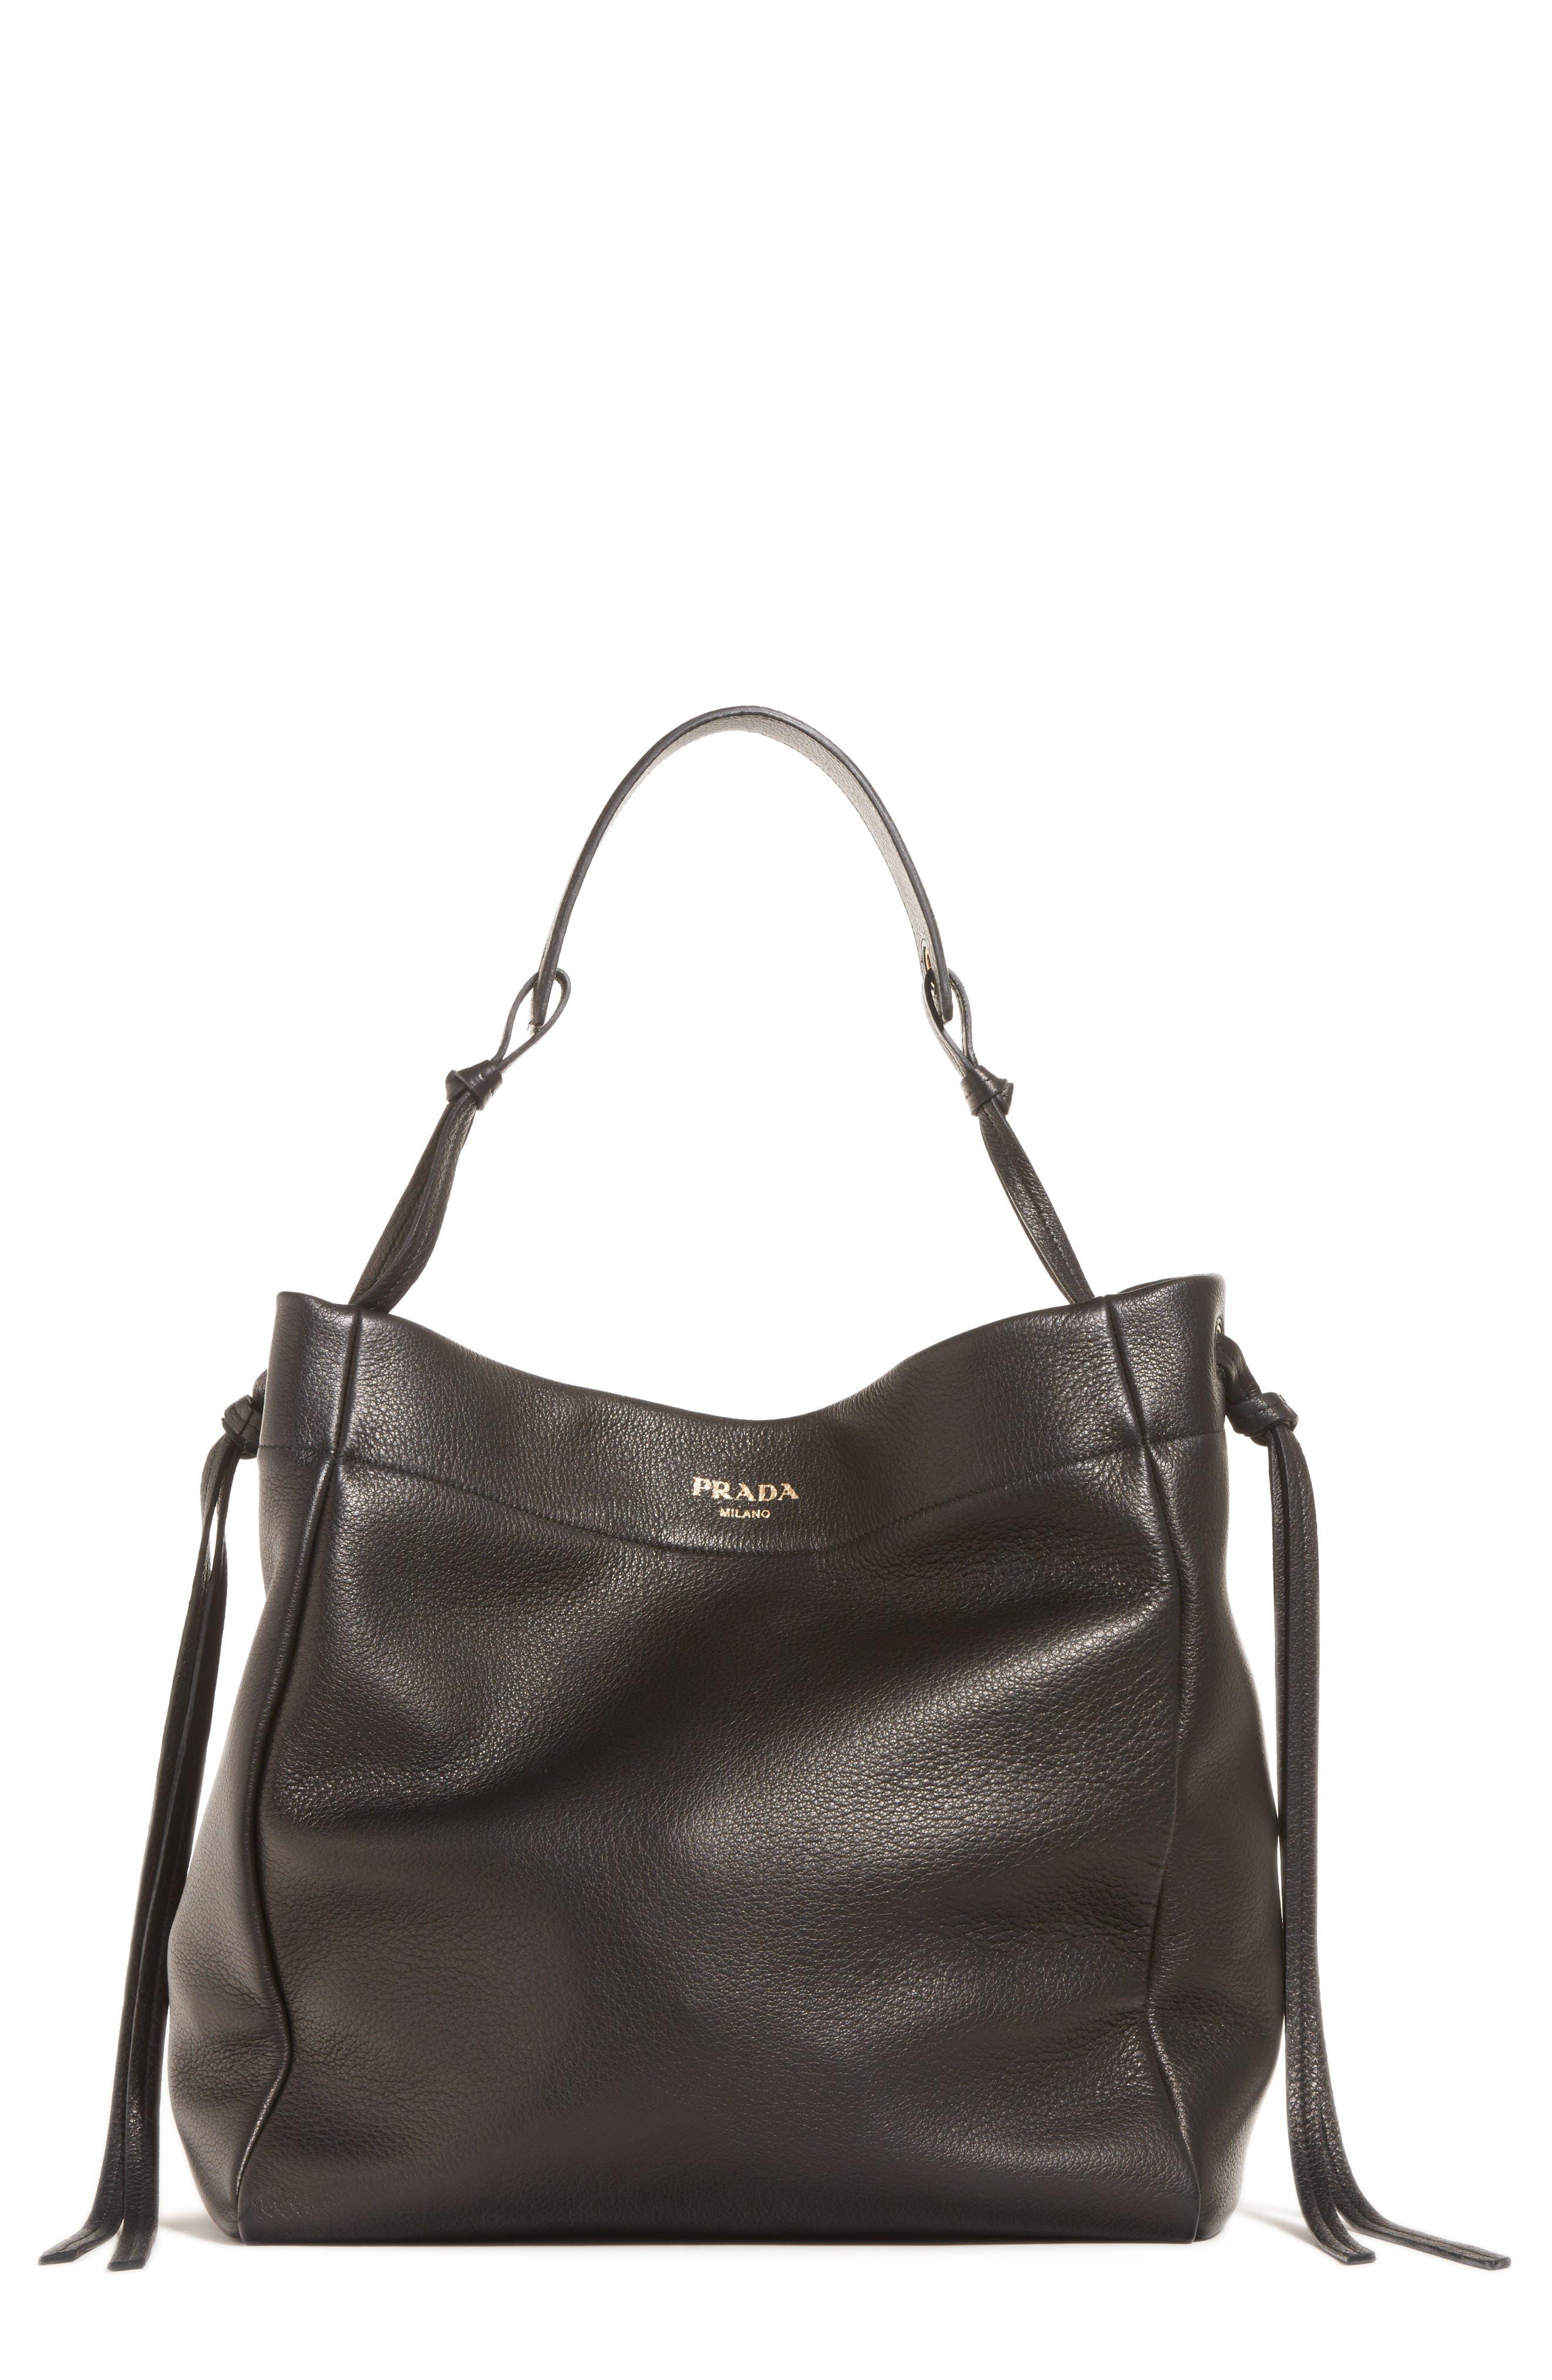 d581afae85f123 new zealand prada large deerskin leather hobo b6dfe 8ad14